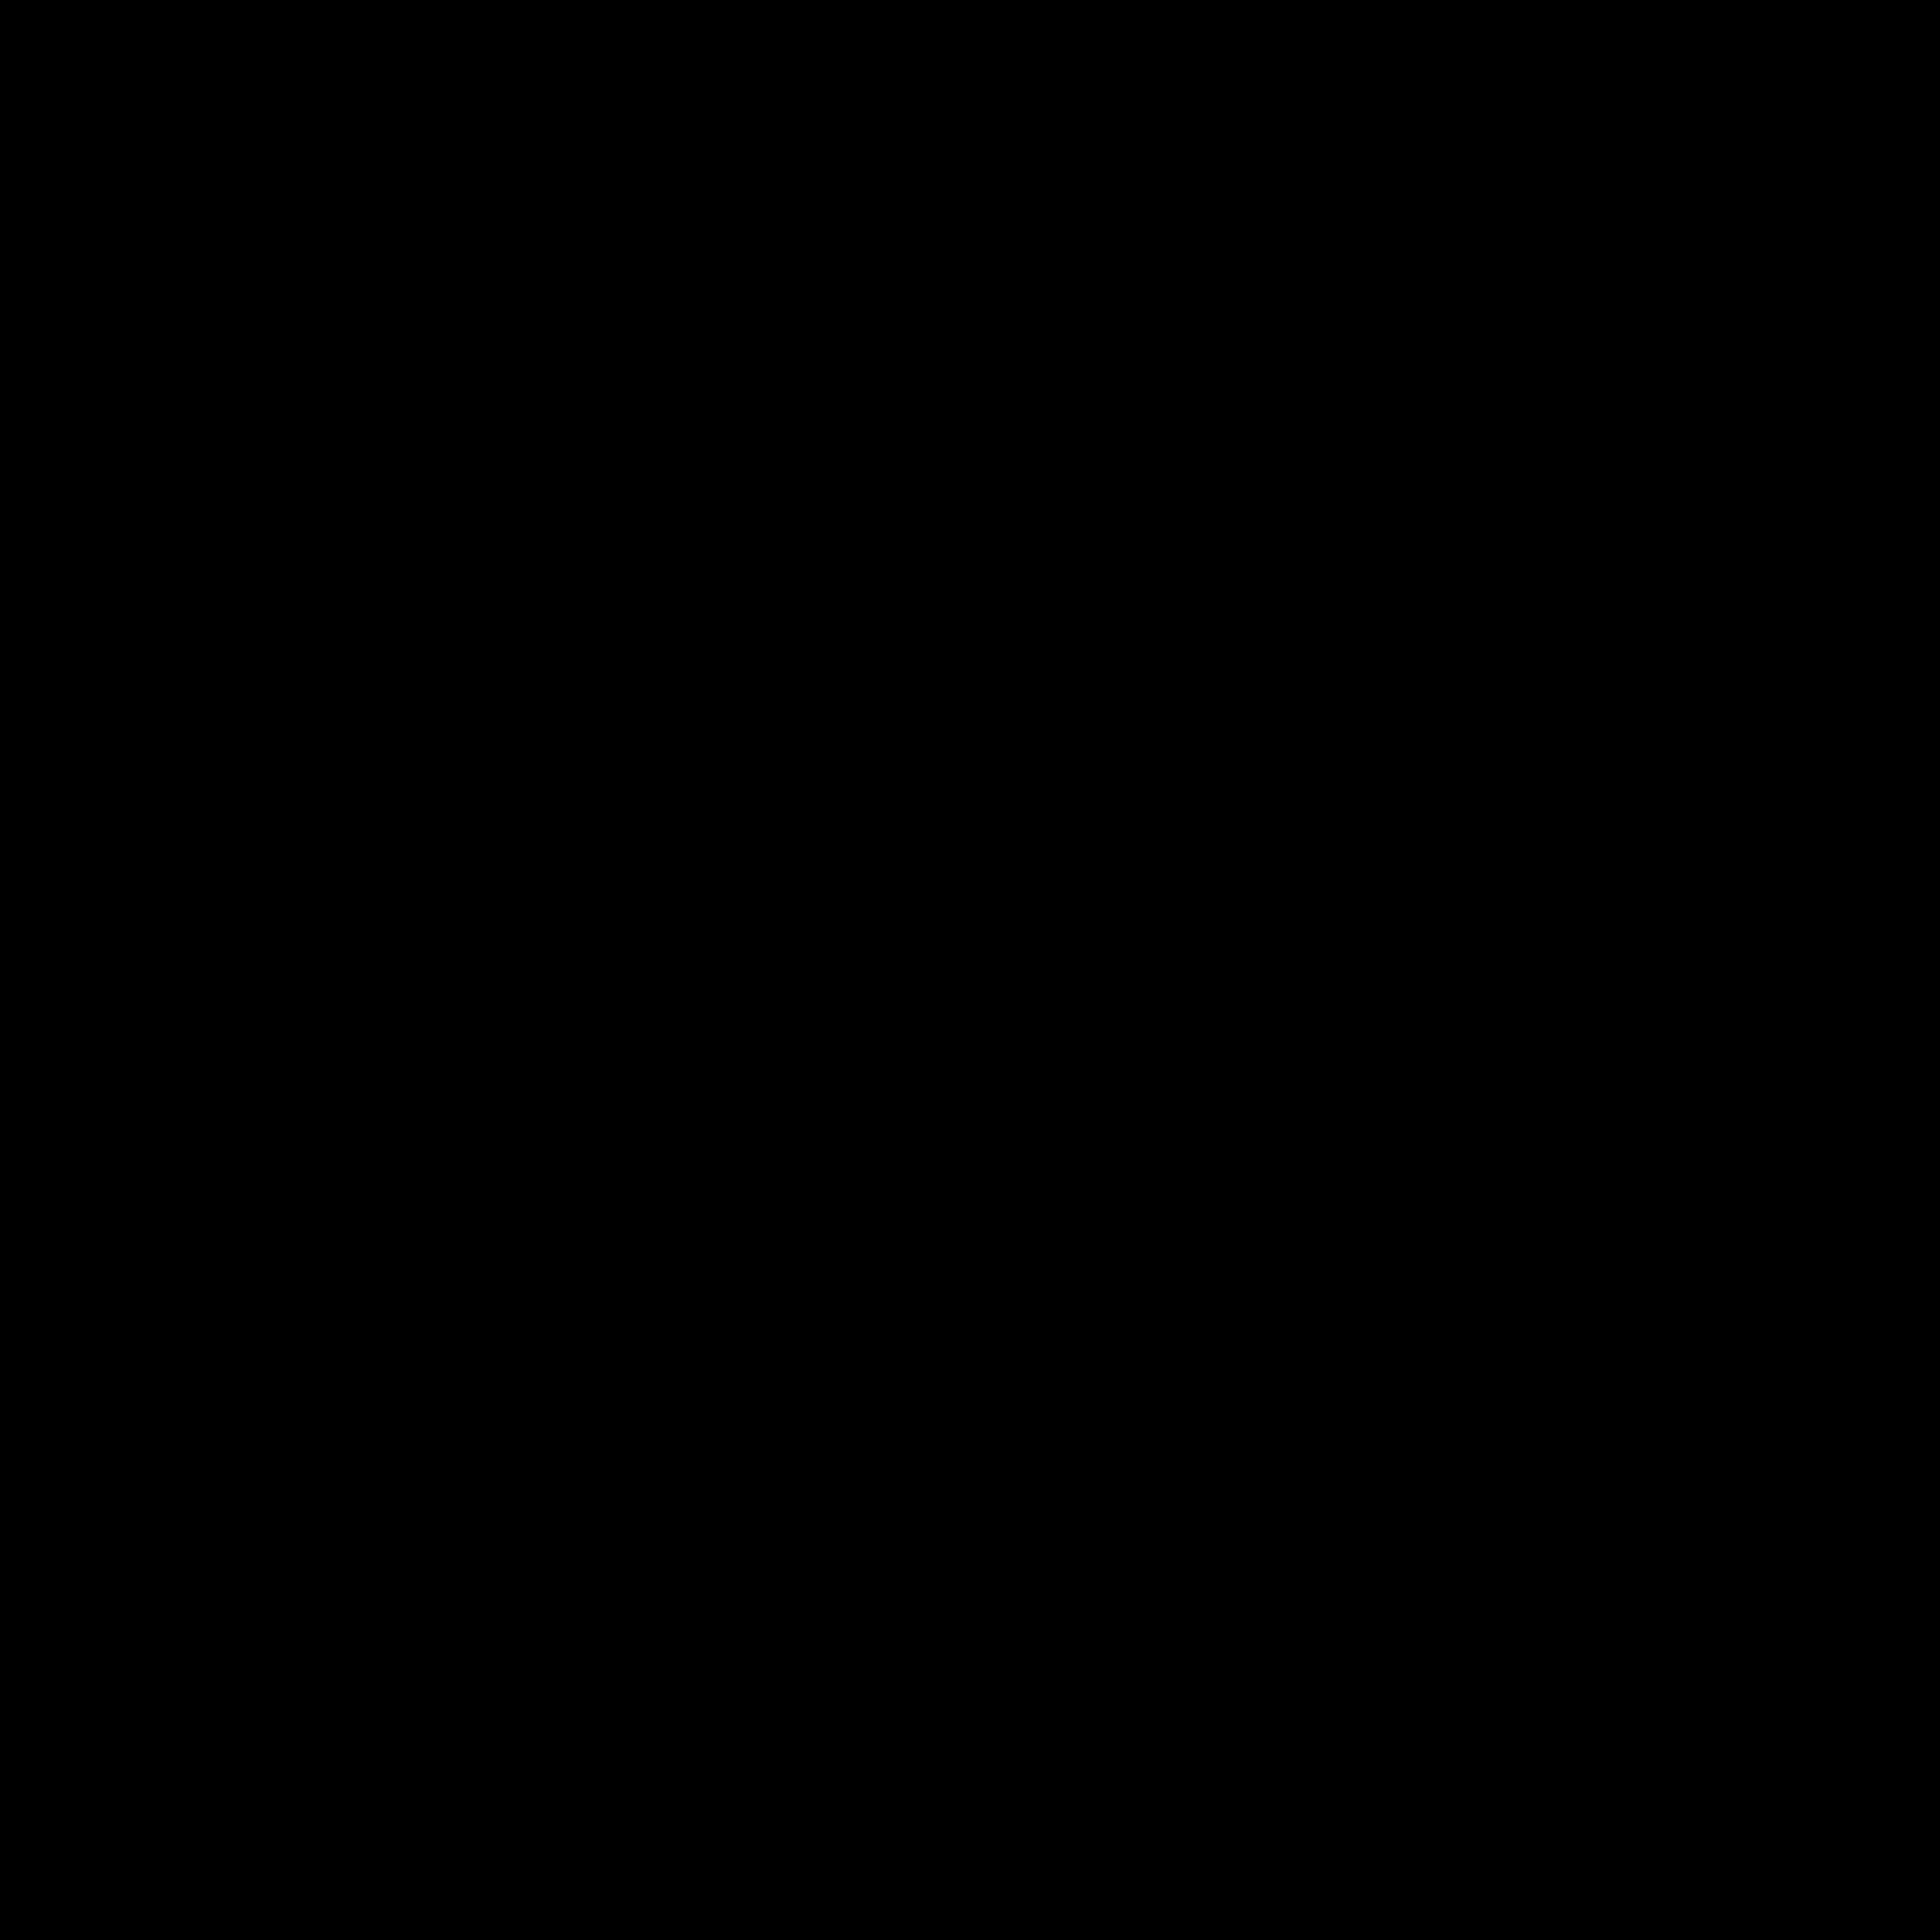 AB3-63B